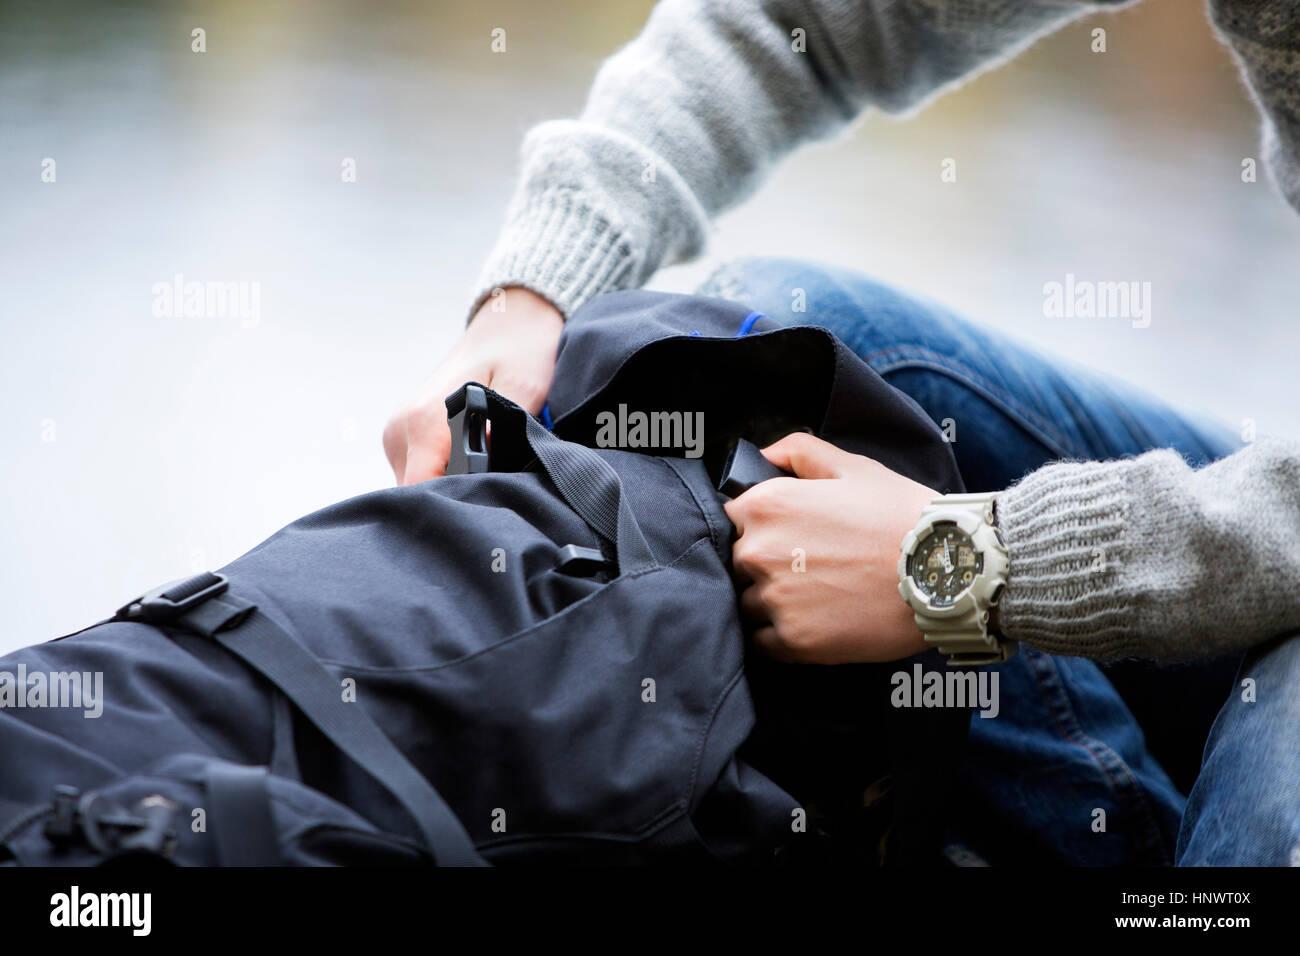 Excursionista macho apertura mochila en camping Imagen De Stock